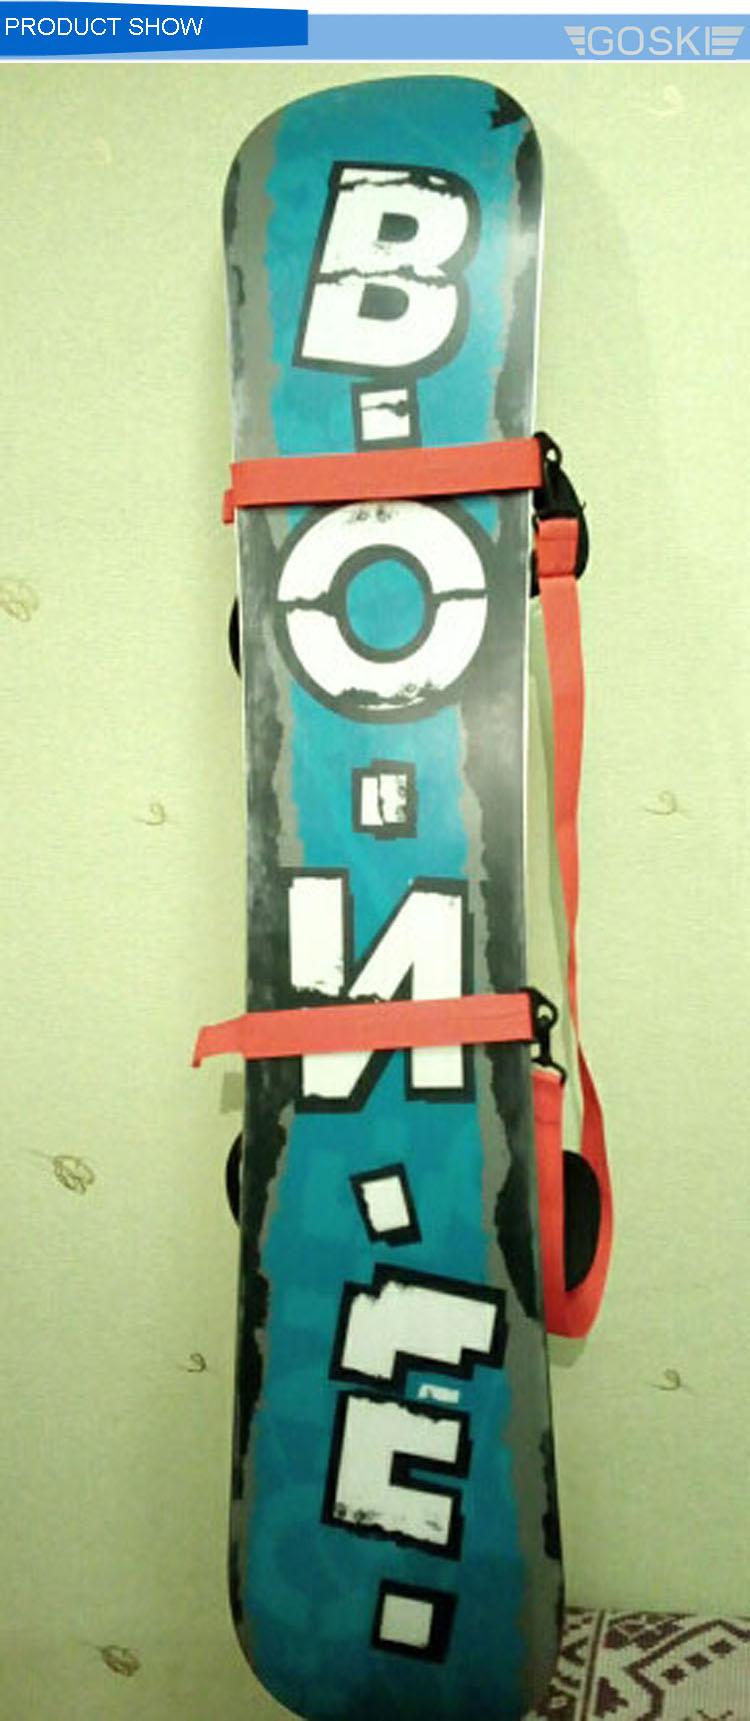 IGOSKI ski snowboarding skate protect bag 2